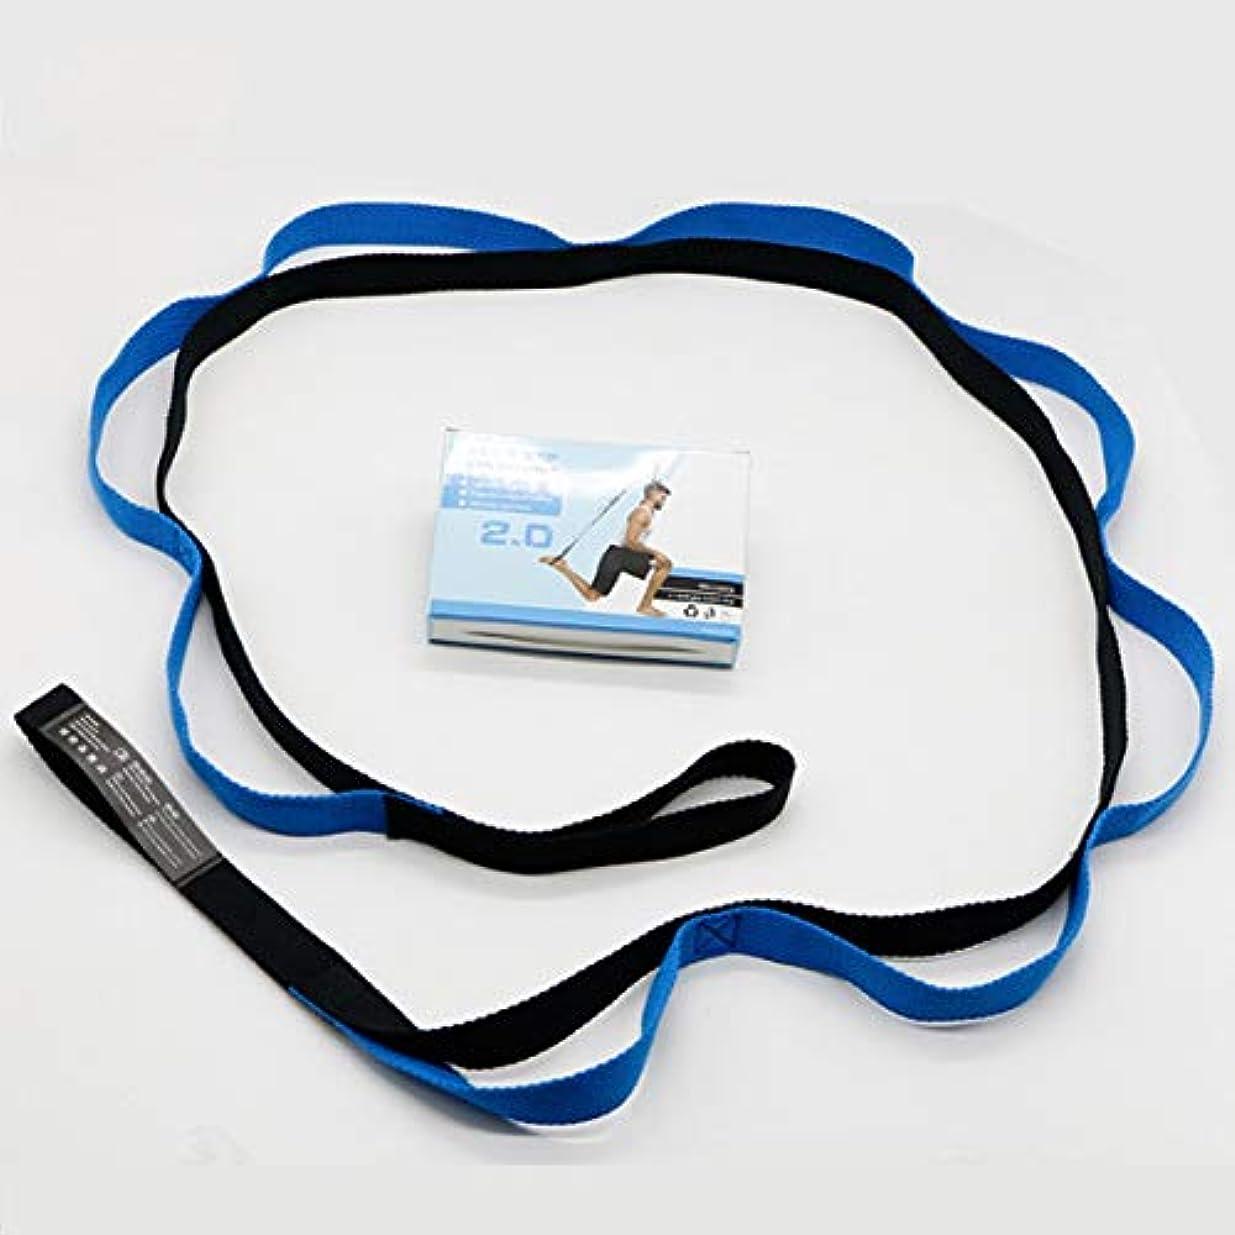 コンプライアンス磁気線フィットネスエクササイズジムヨガストレッチアウトストラップ弾性ベルトウエストレッグアームエクステンションストラップベルトスポーツユニセックストレーニングベルトバンド - ブルー&ブラック